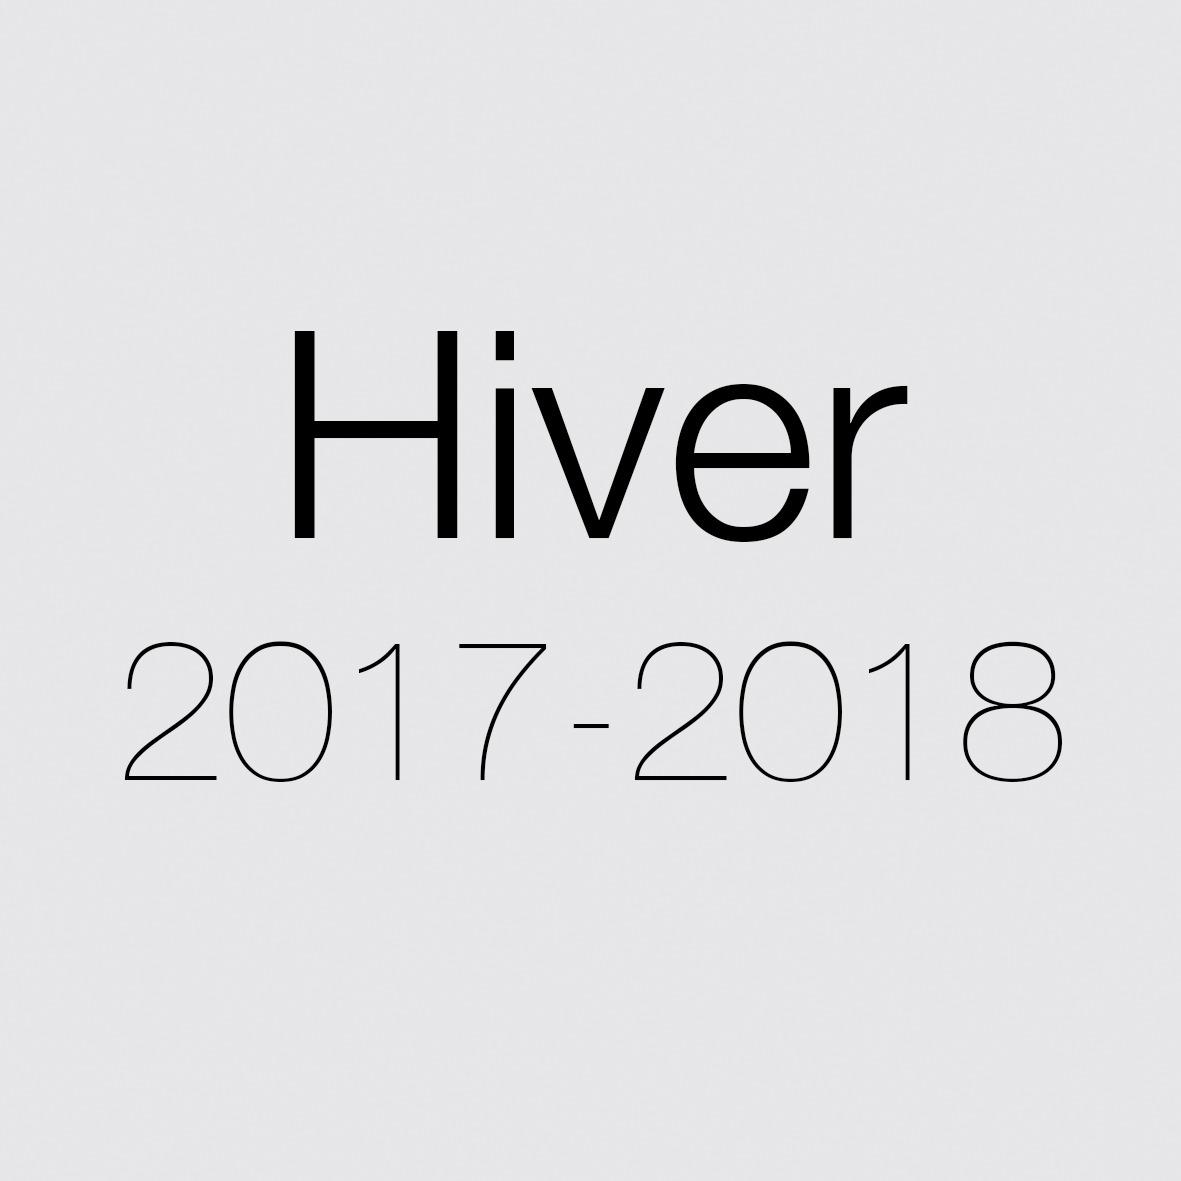 HIVER 2017-2018